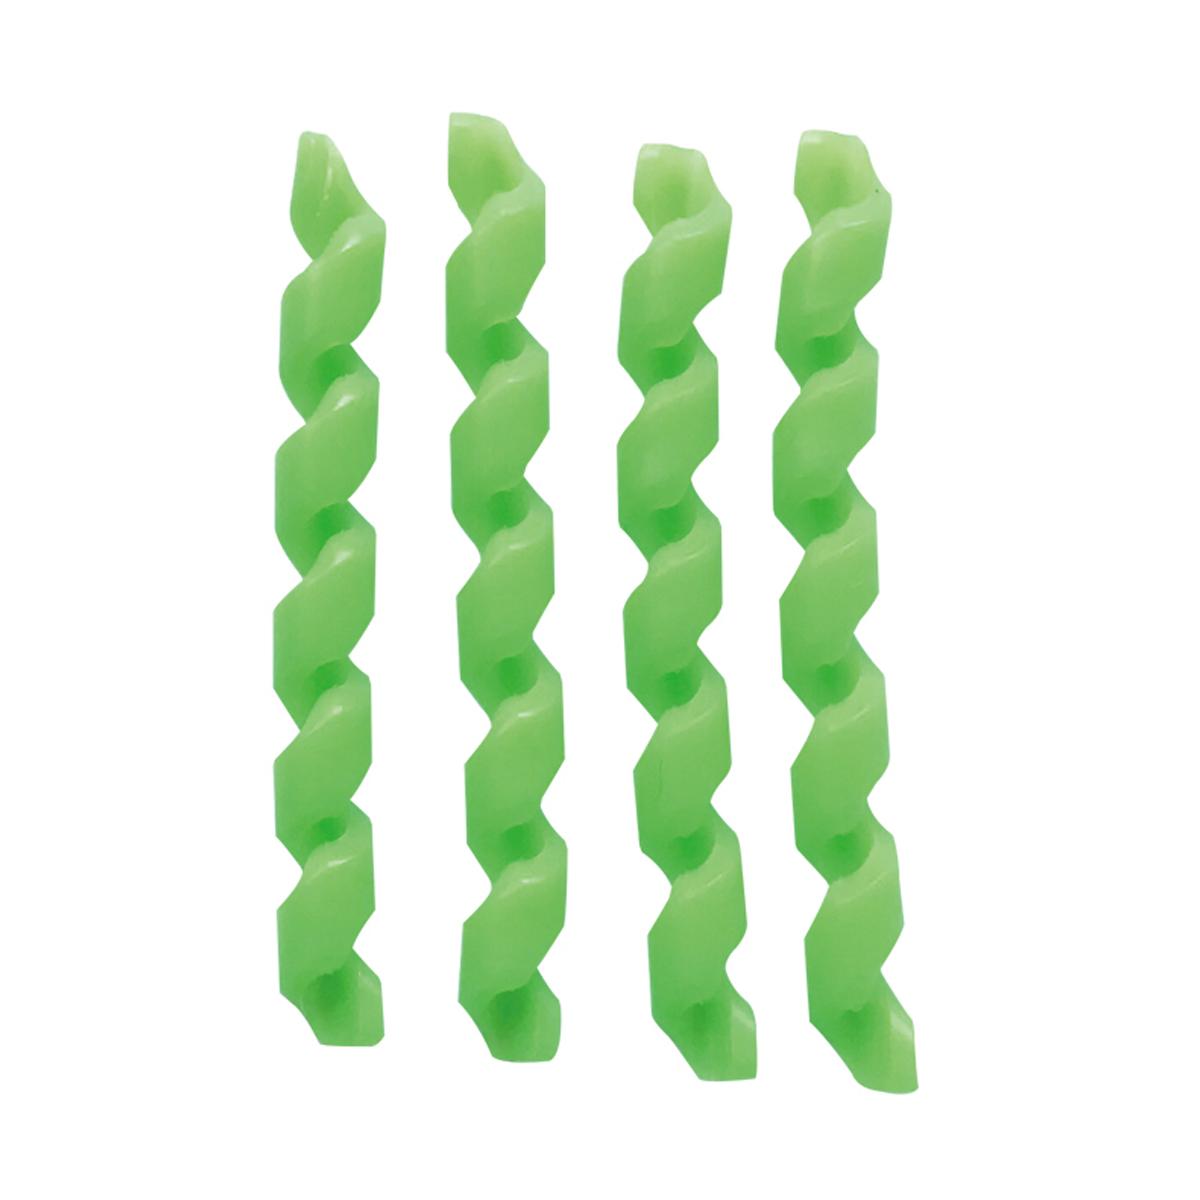 NOGUCHI(ノグチ)フレームプロテクター グリーン